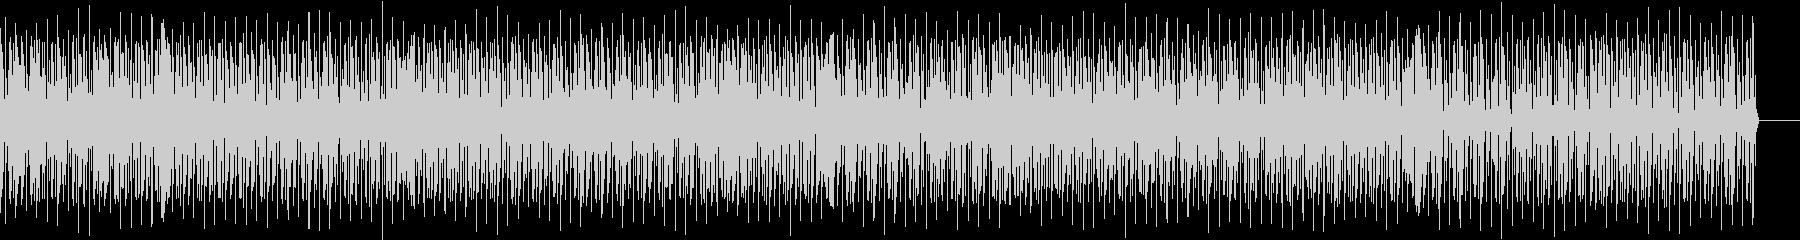 R&Bインストルメンタル。ゆっくり...の未再生の波形